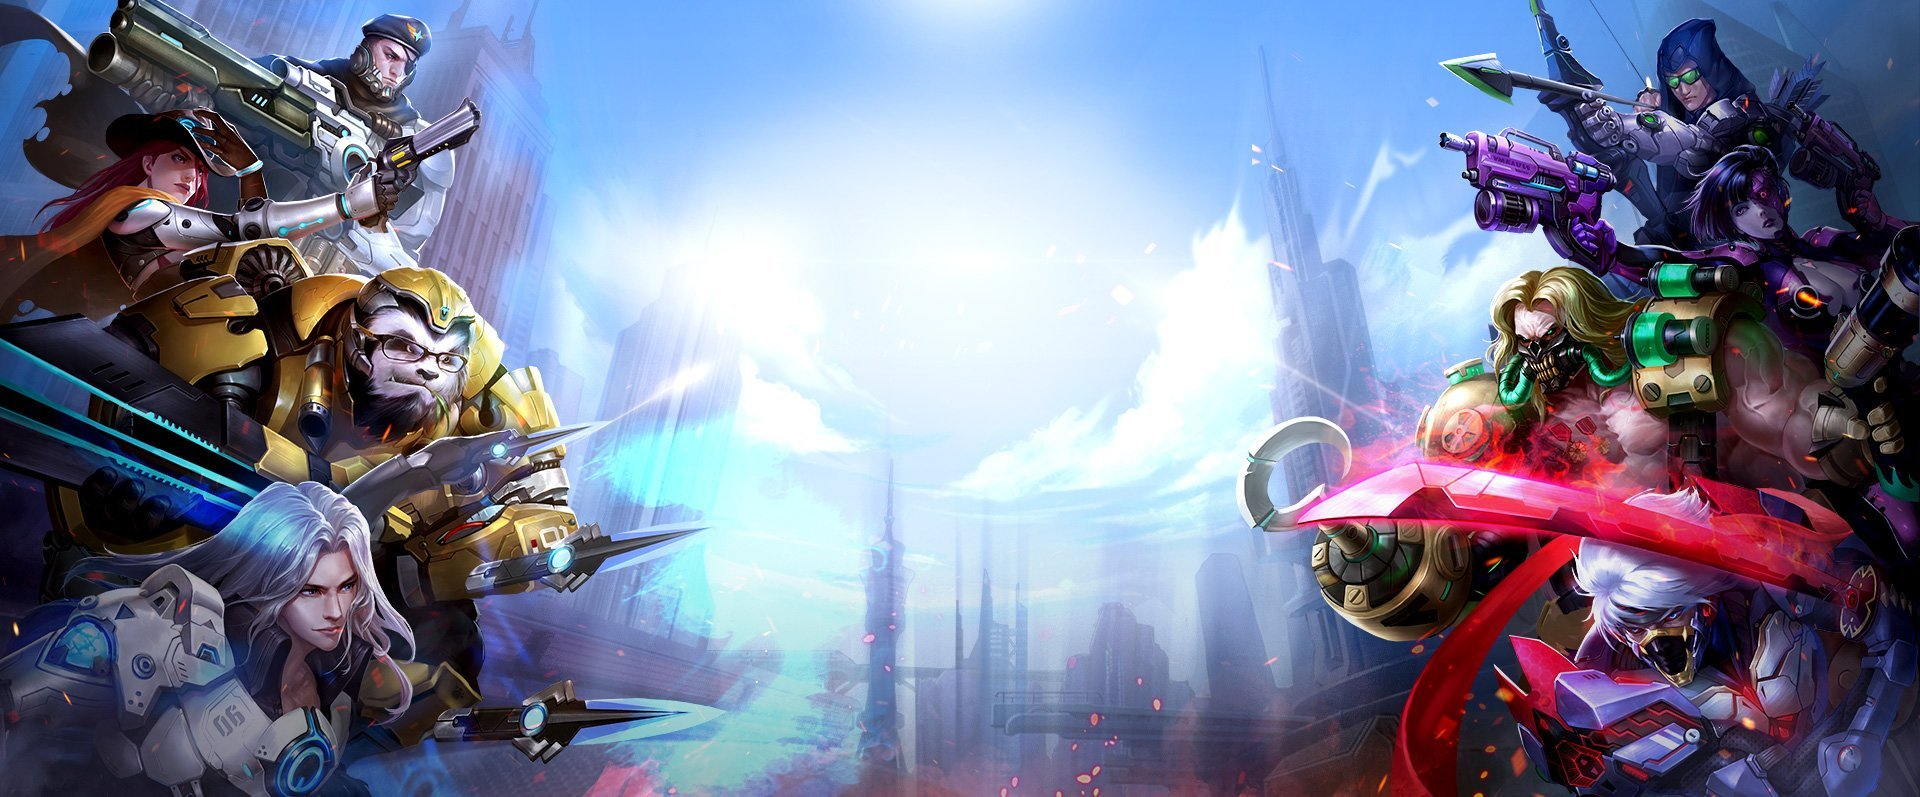 Конец эпохи Blizzard: в Китае создан новый шутер полностью слизанный с Overwatch